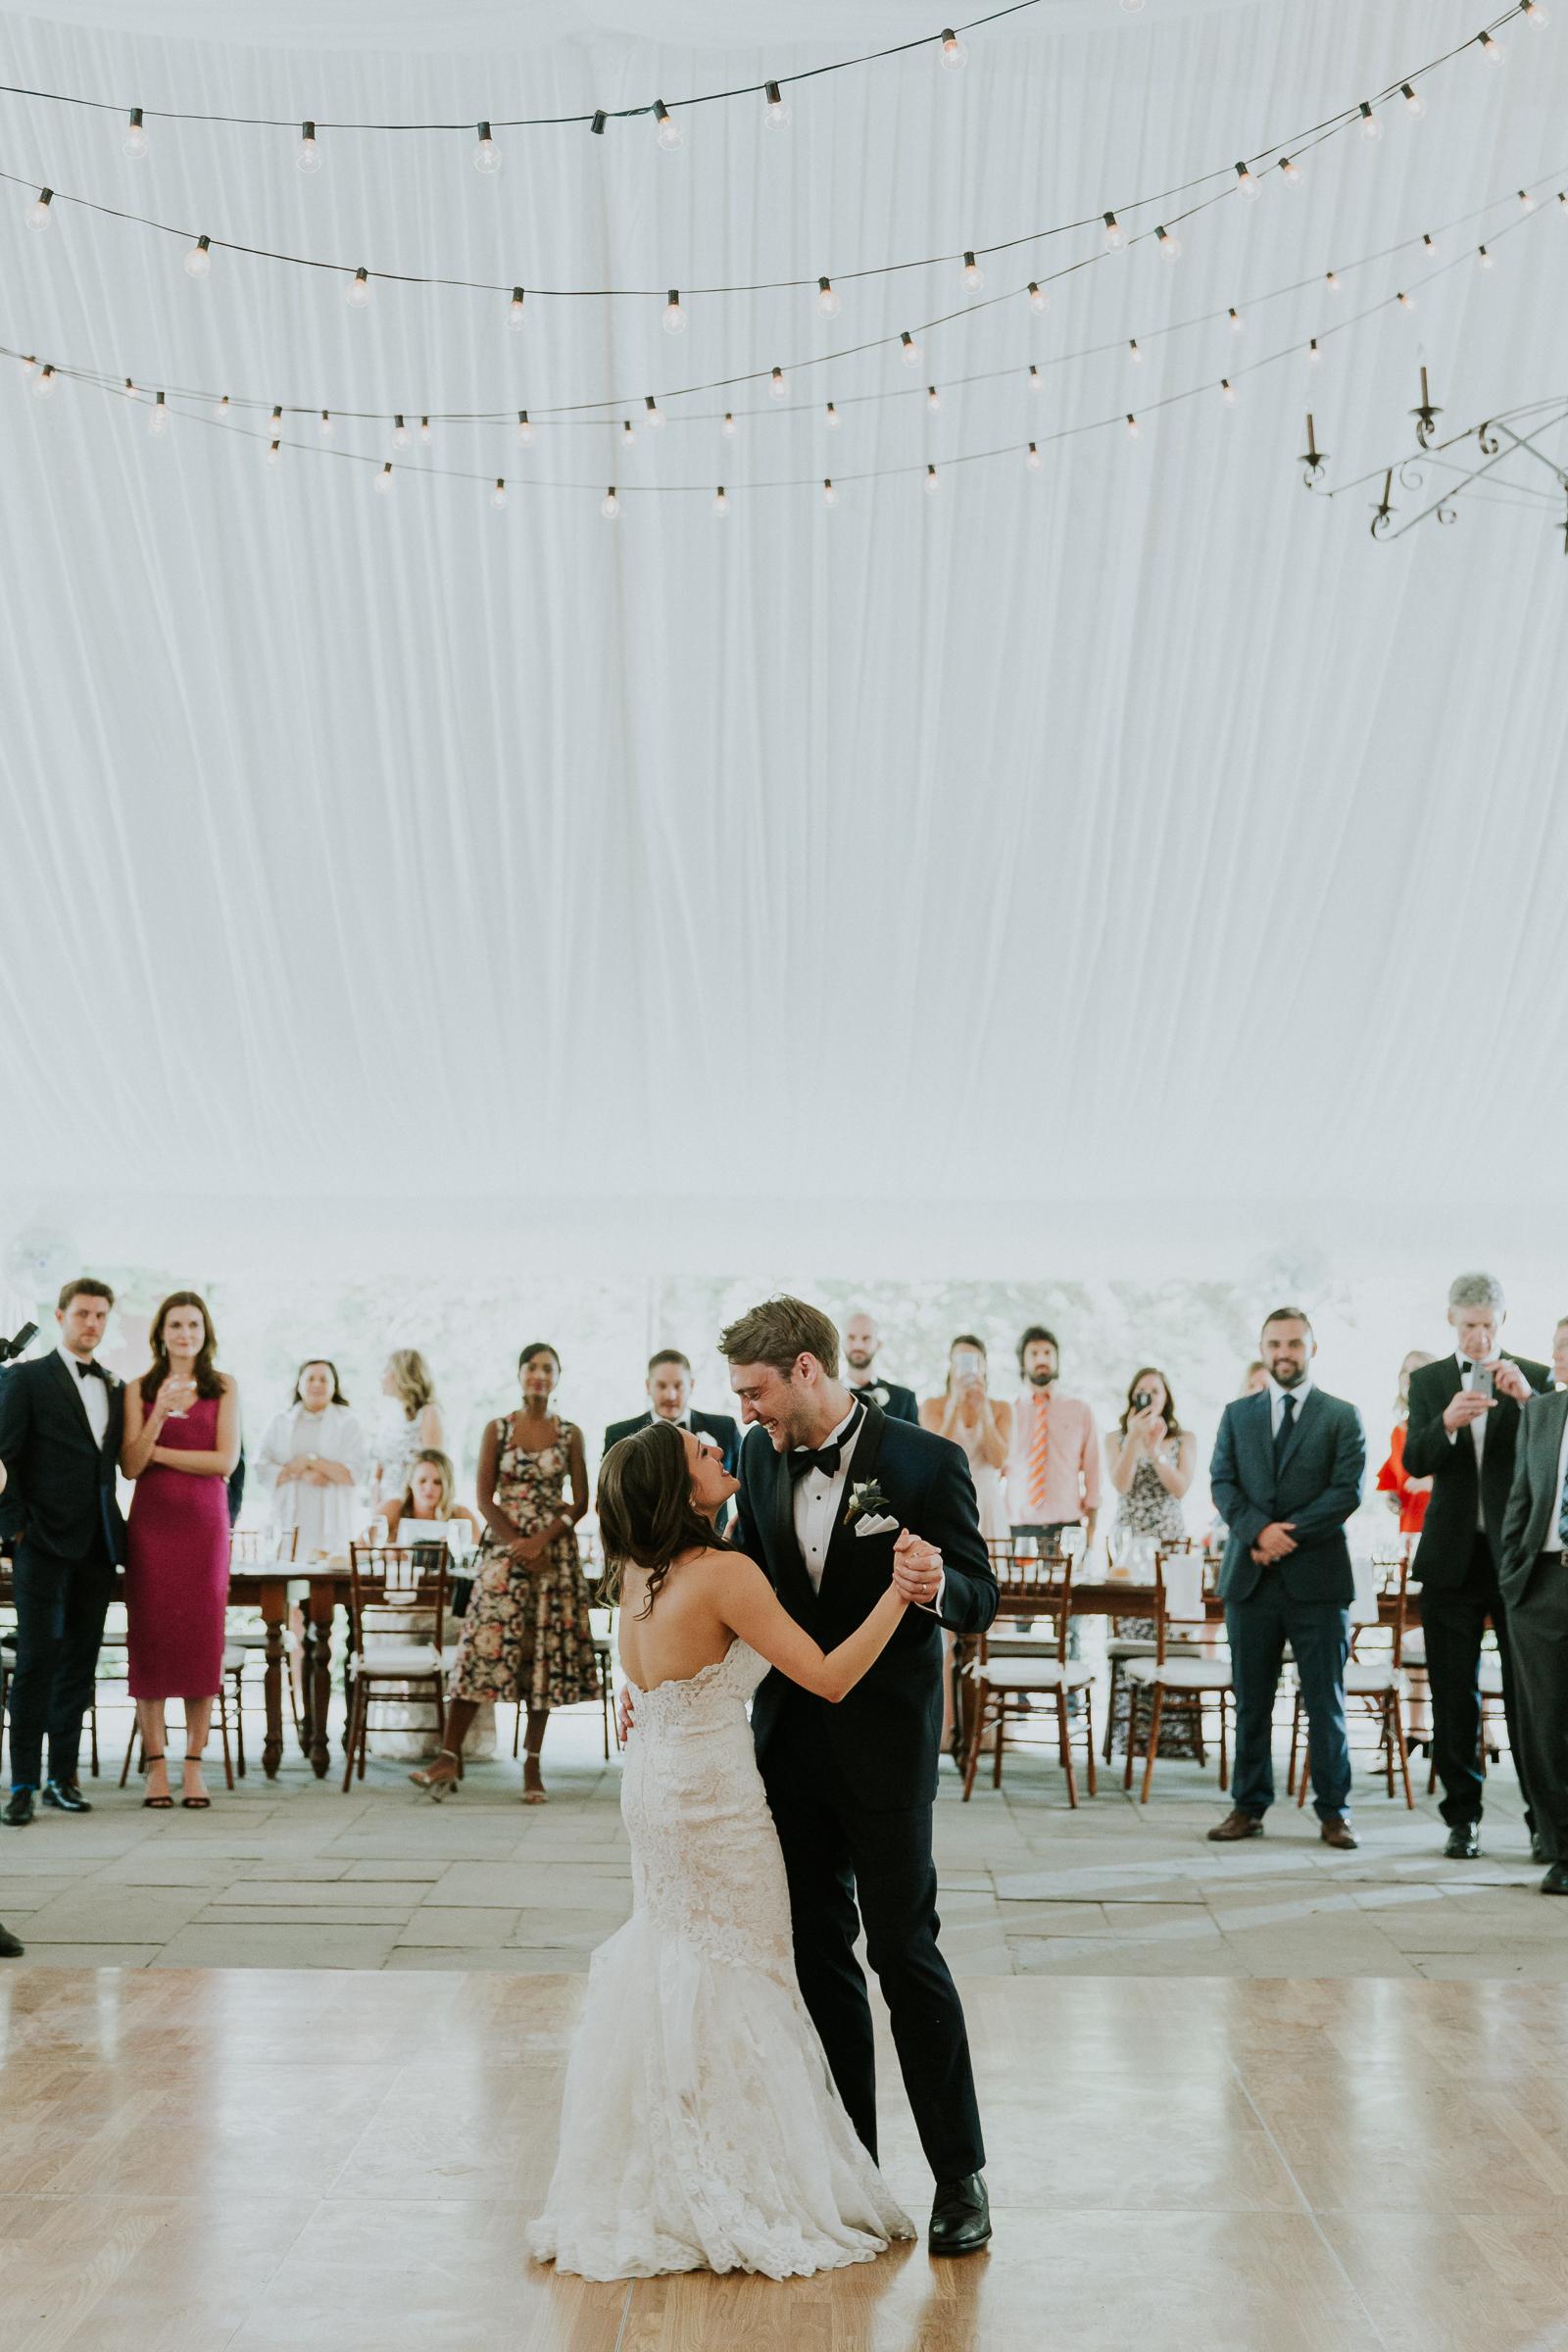 Crossed-Keys-Estate-Andover-NJ-Fine-Art-Documentary-Wedding-Photographer-108.jpg